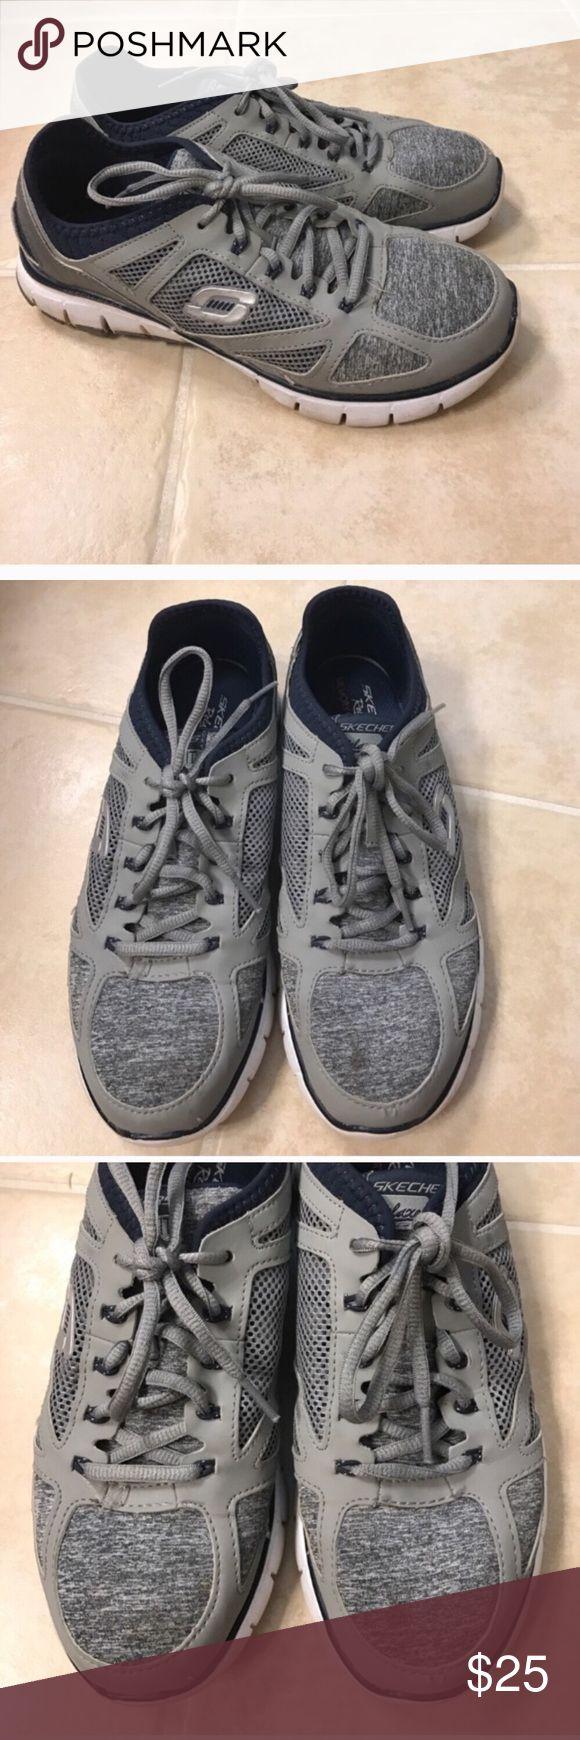 Size 8.5 grey Skechers memory foam sneakers Size 8.5 grey Skechers memory foam sneakers Skechers Shoes Sneakers